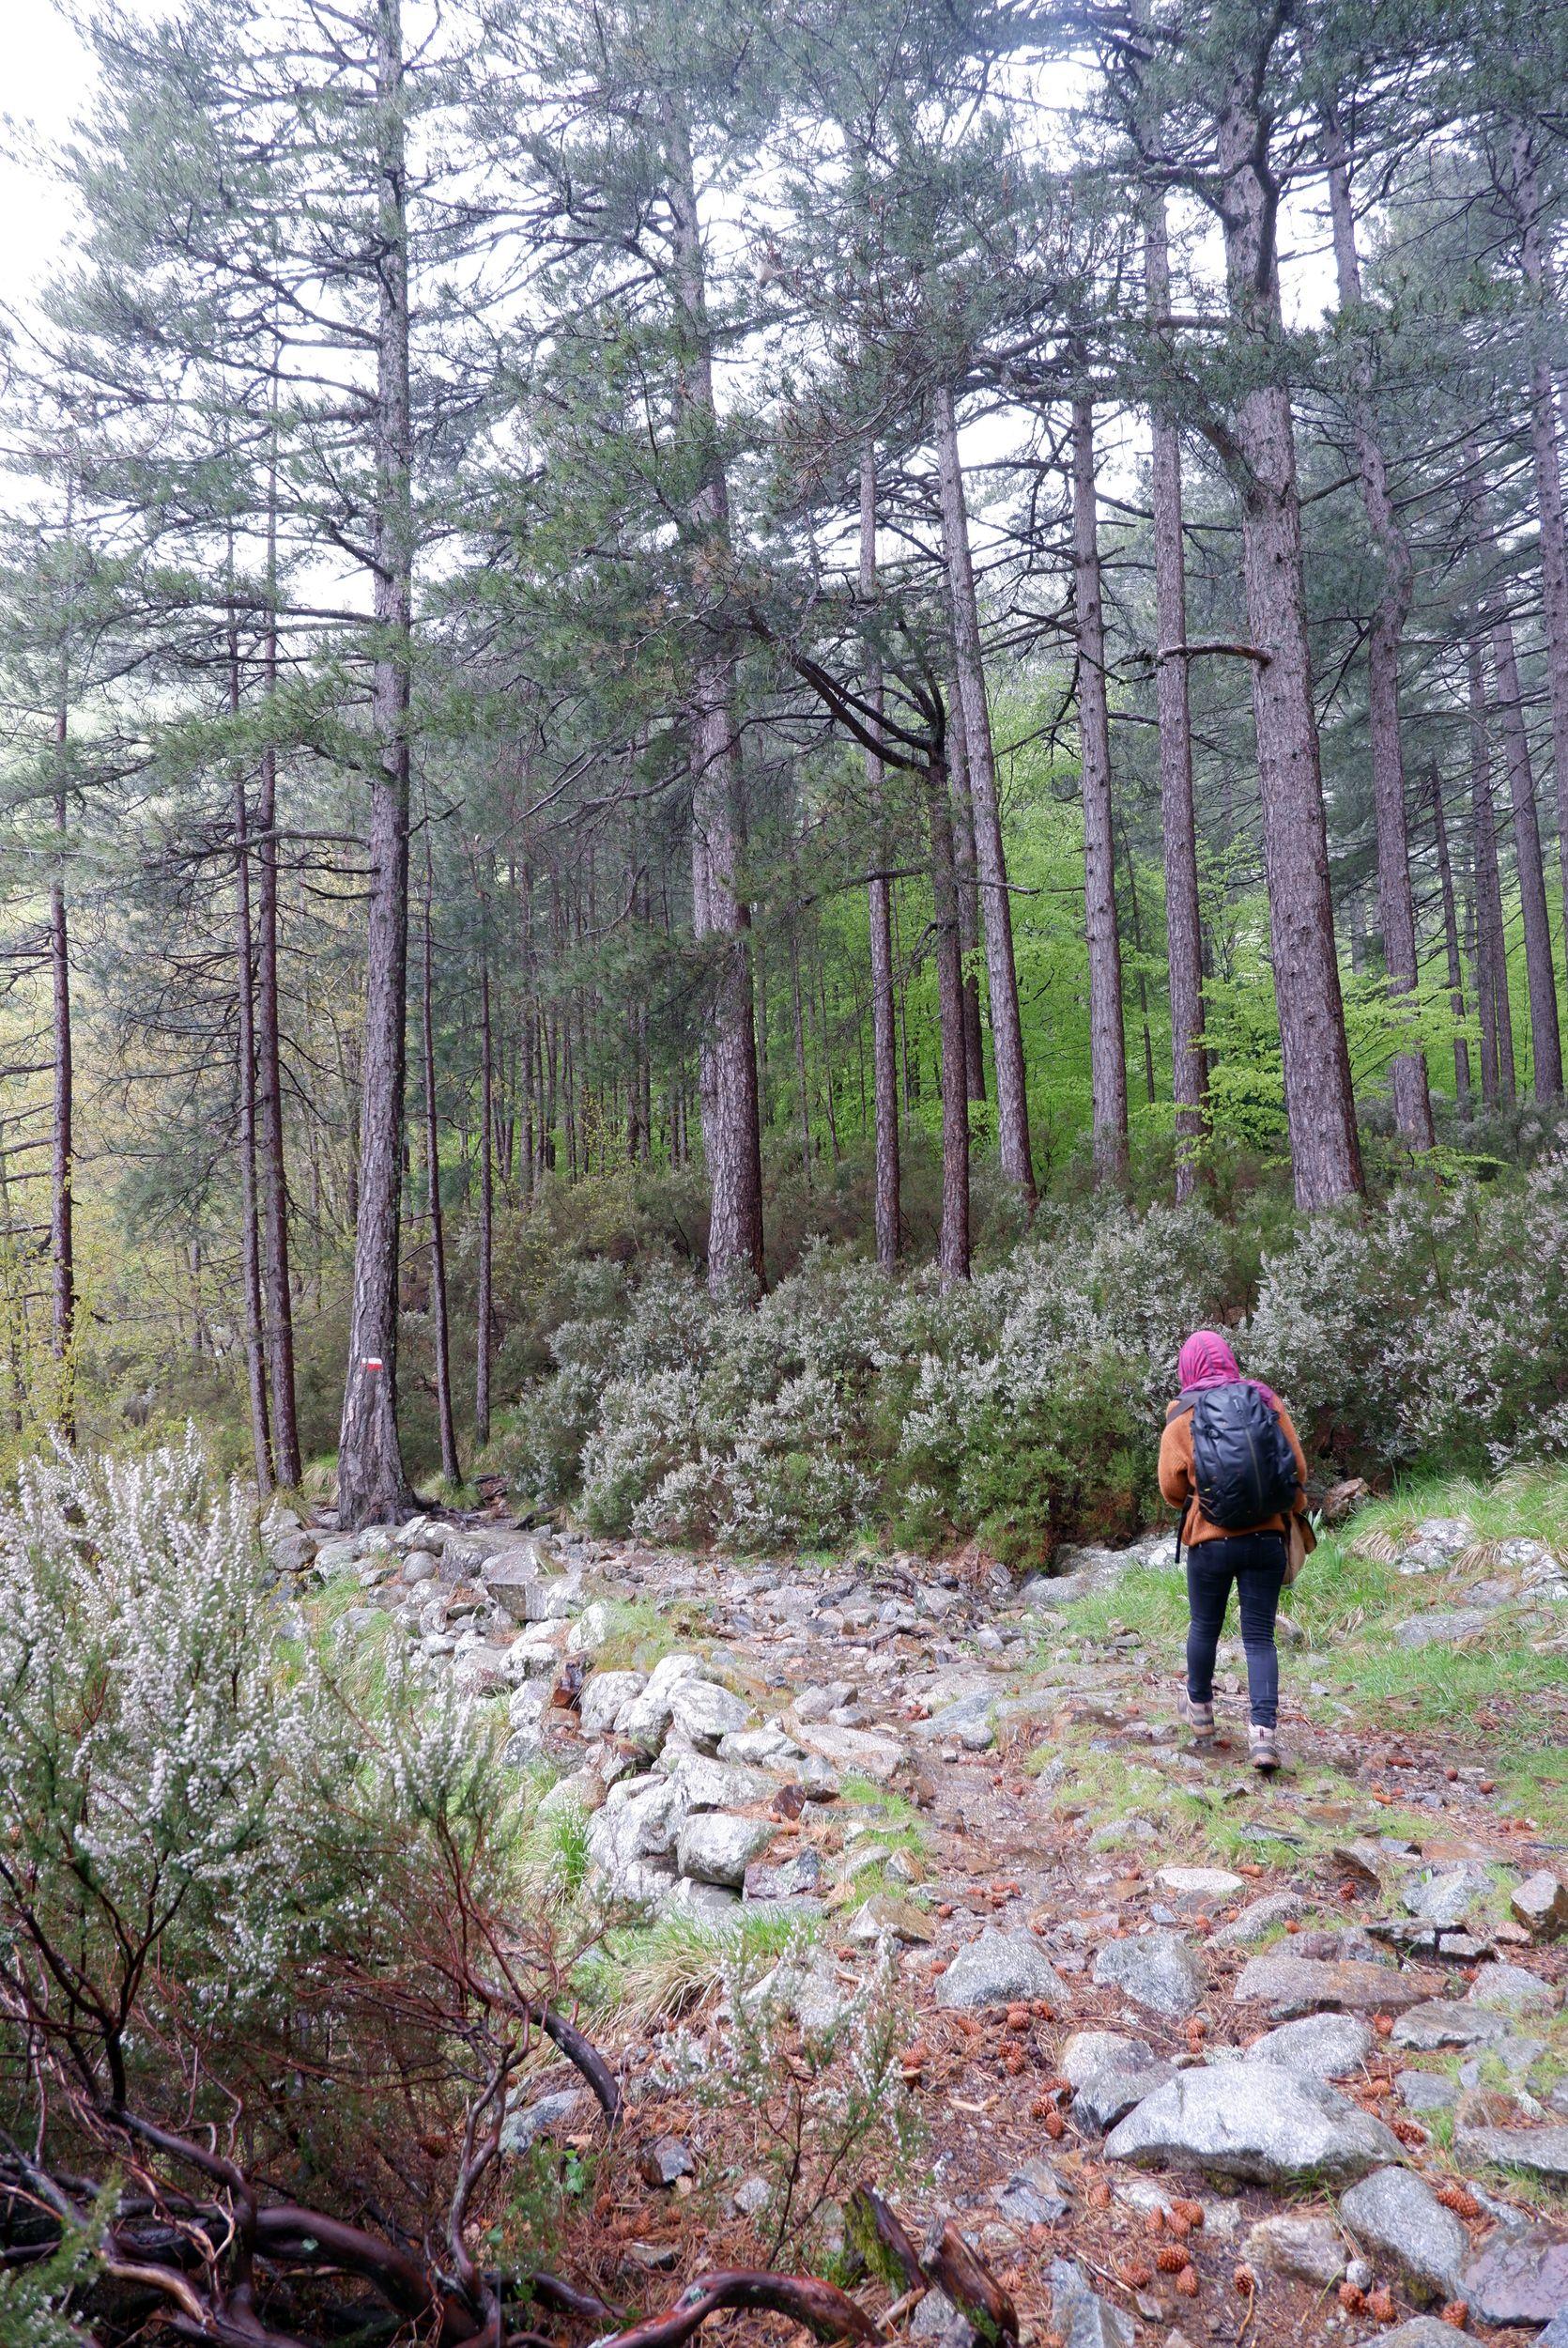 Justine sur le sentier forestier